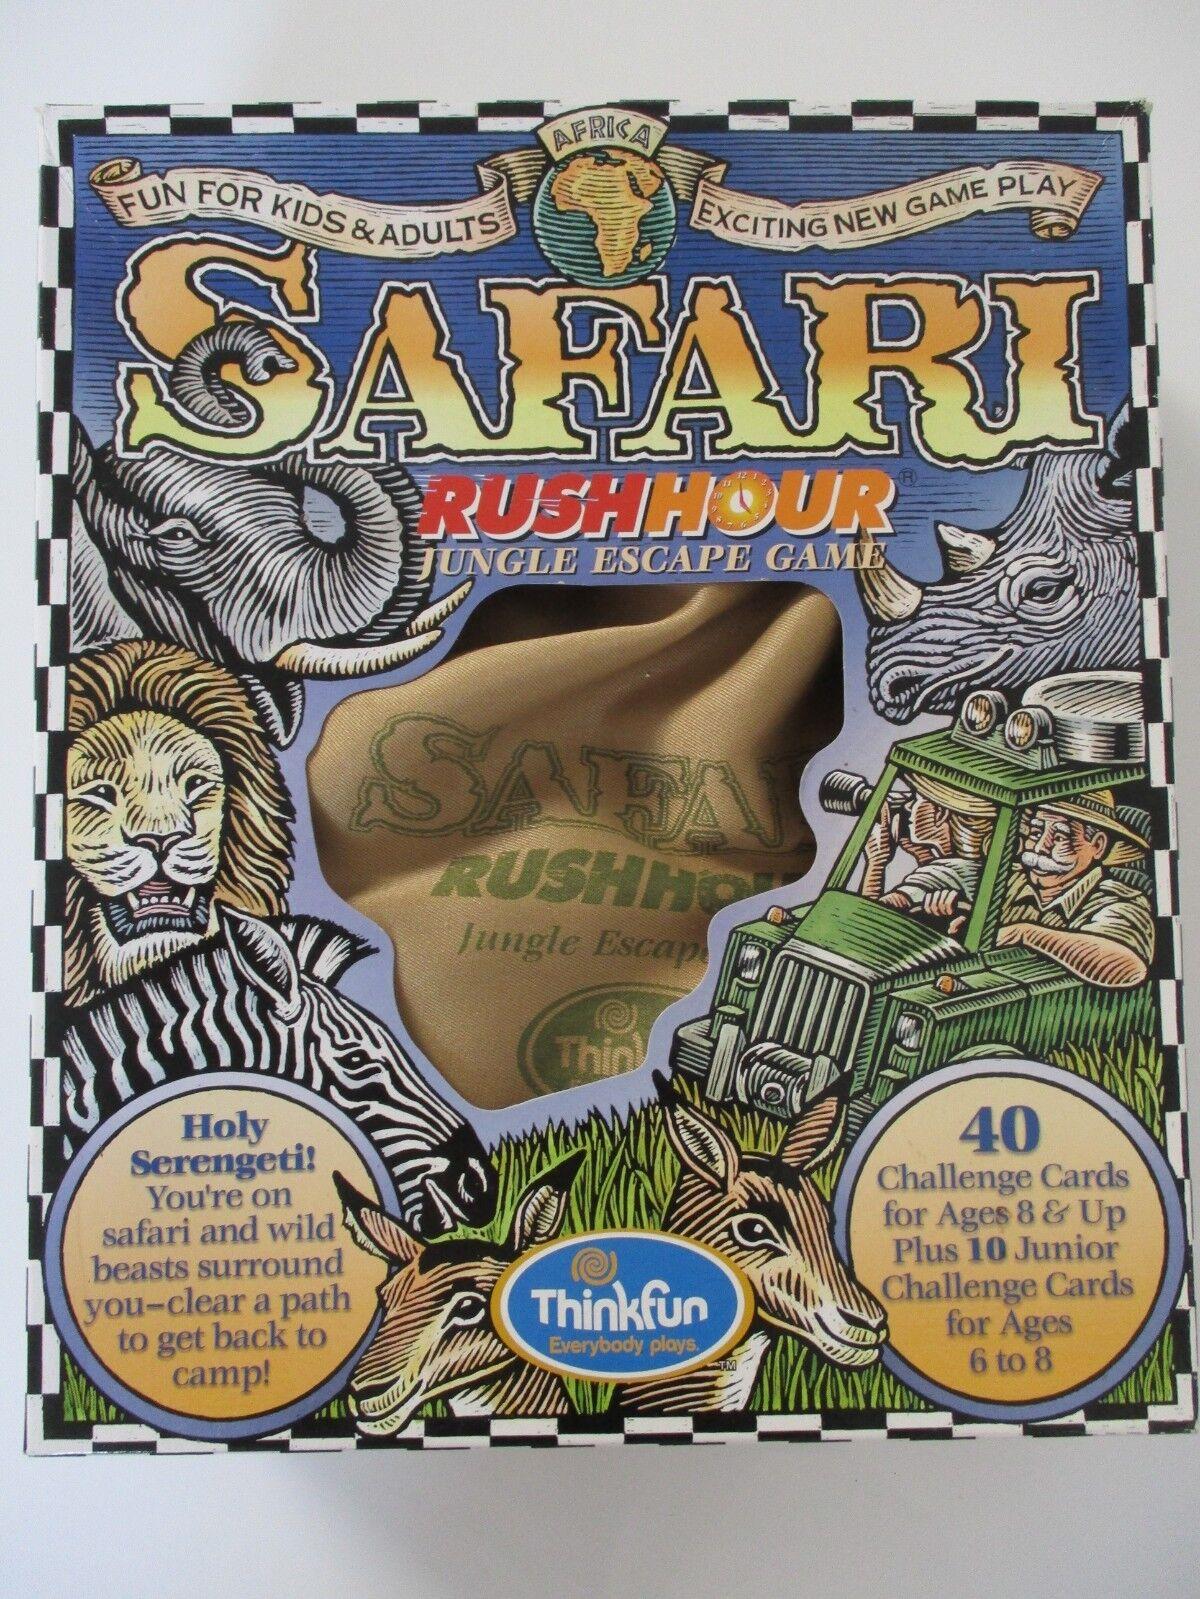 Ravensburg Safari Rush Hour Jungle Escape Game COMPLETE - RARE